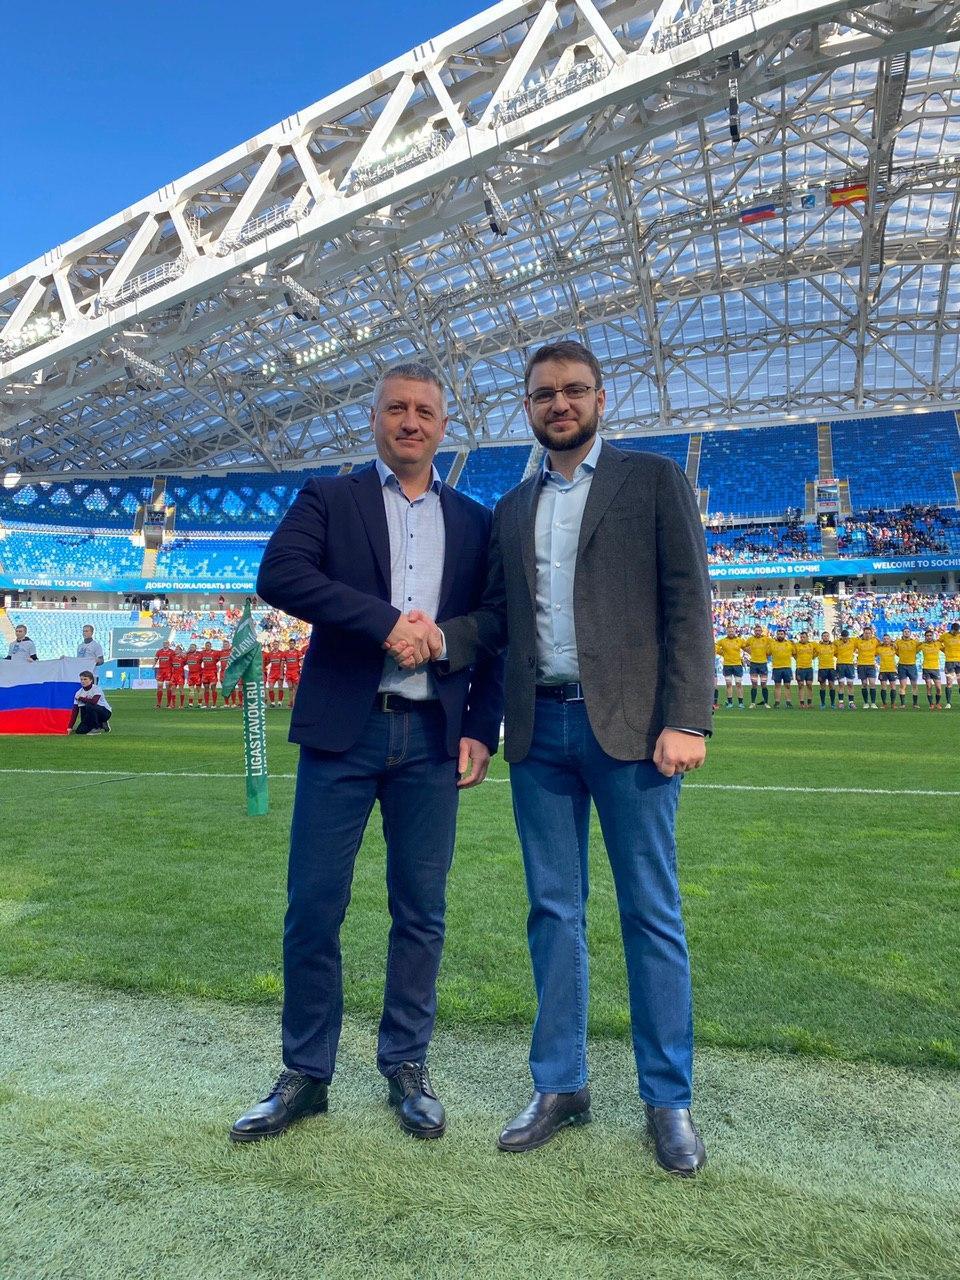 Генеральный директор ГК «ЭкоВоз» Денис Волков отметил, что регби не уступает по зрелищности футболу